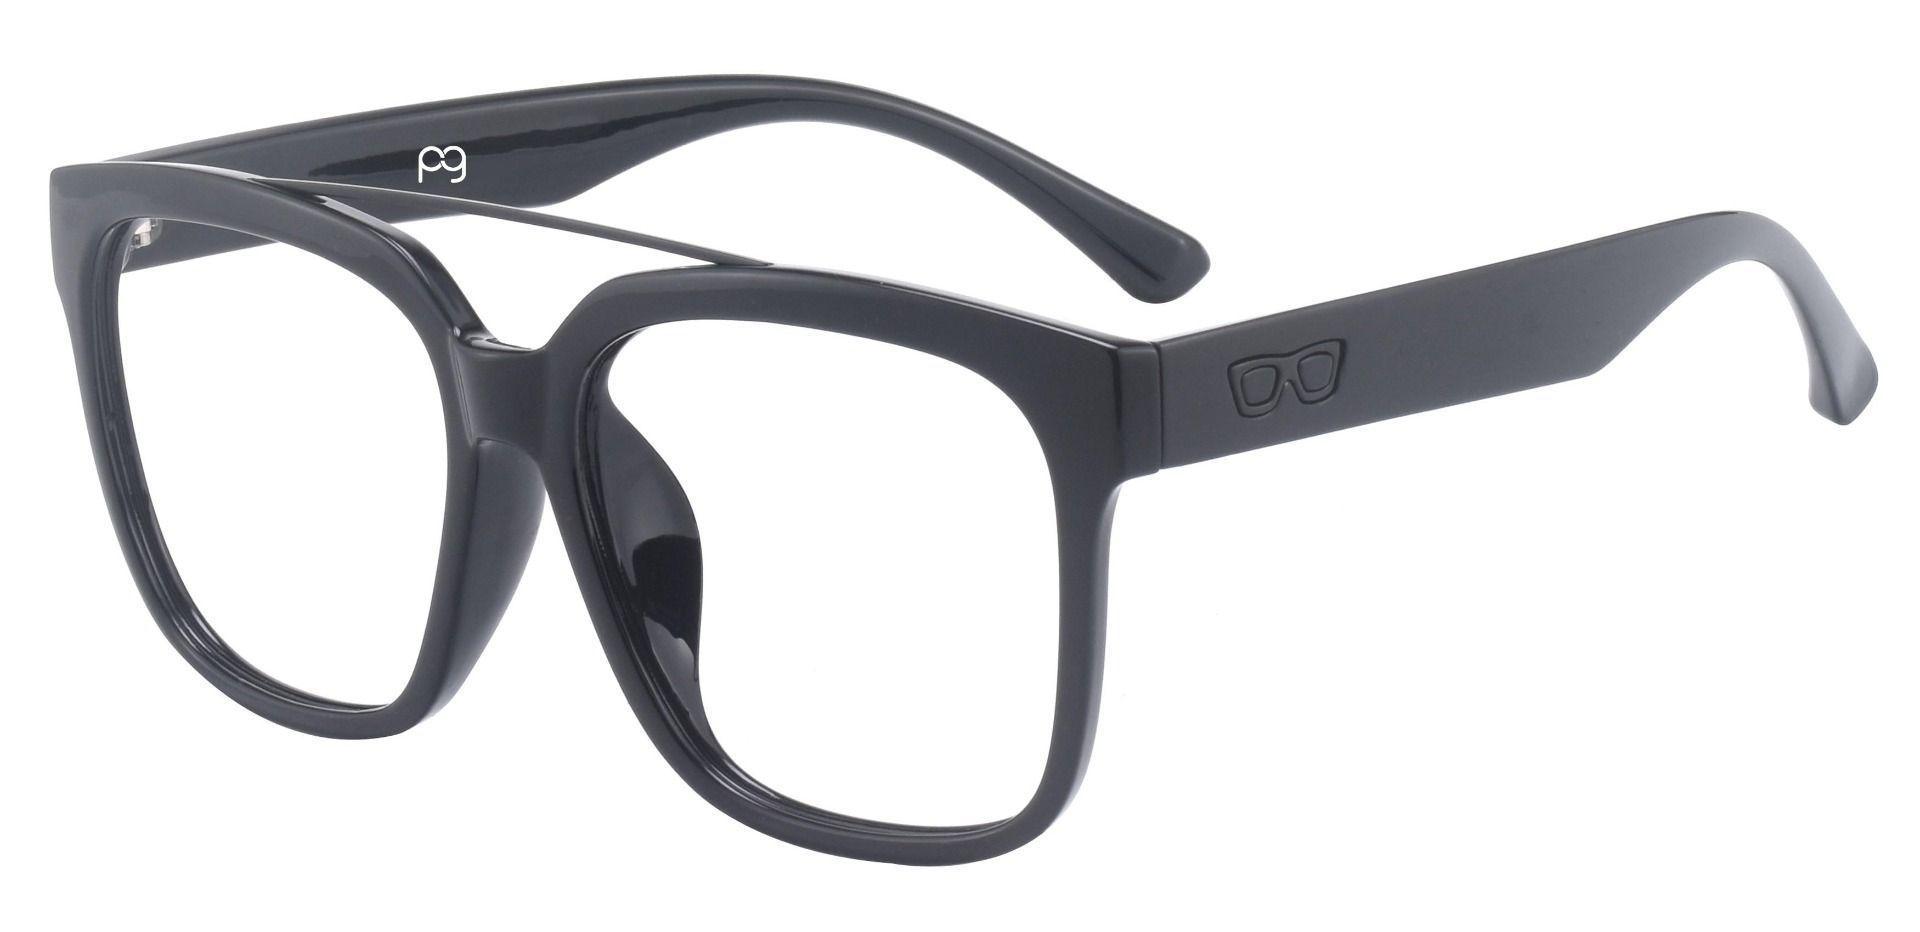 Brixton Aviator Prescription Glasses - Black